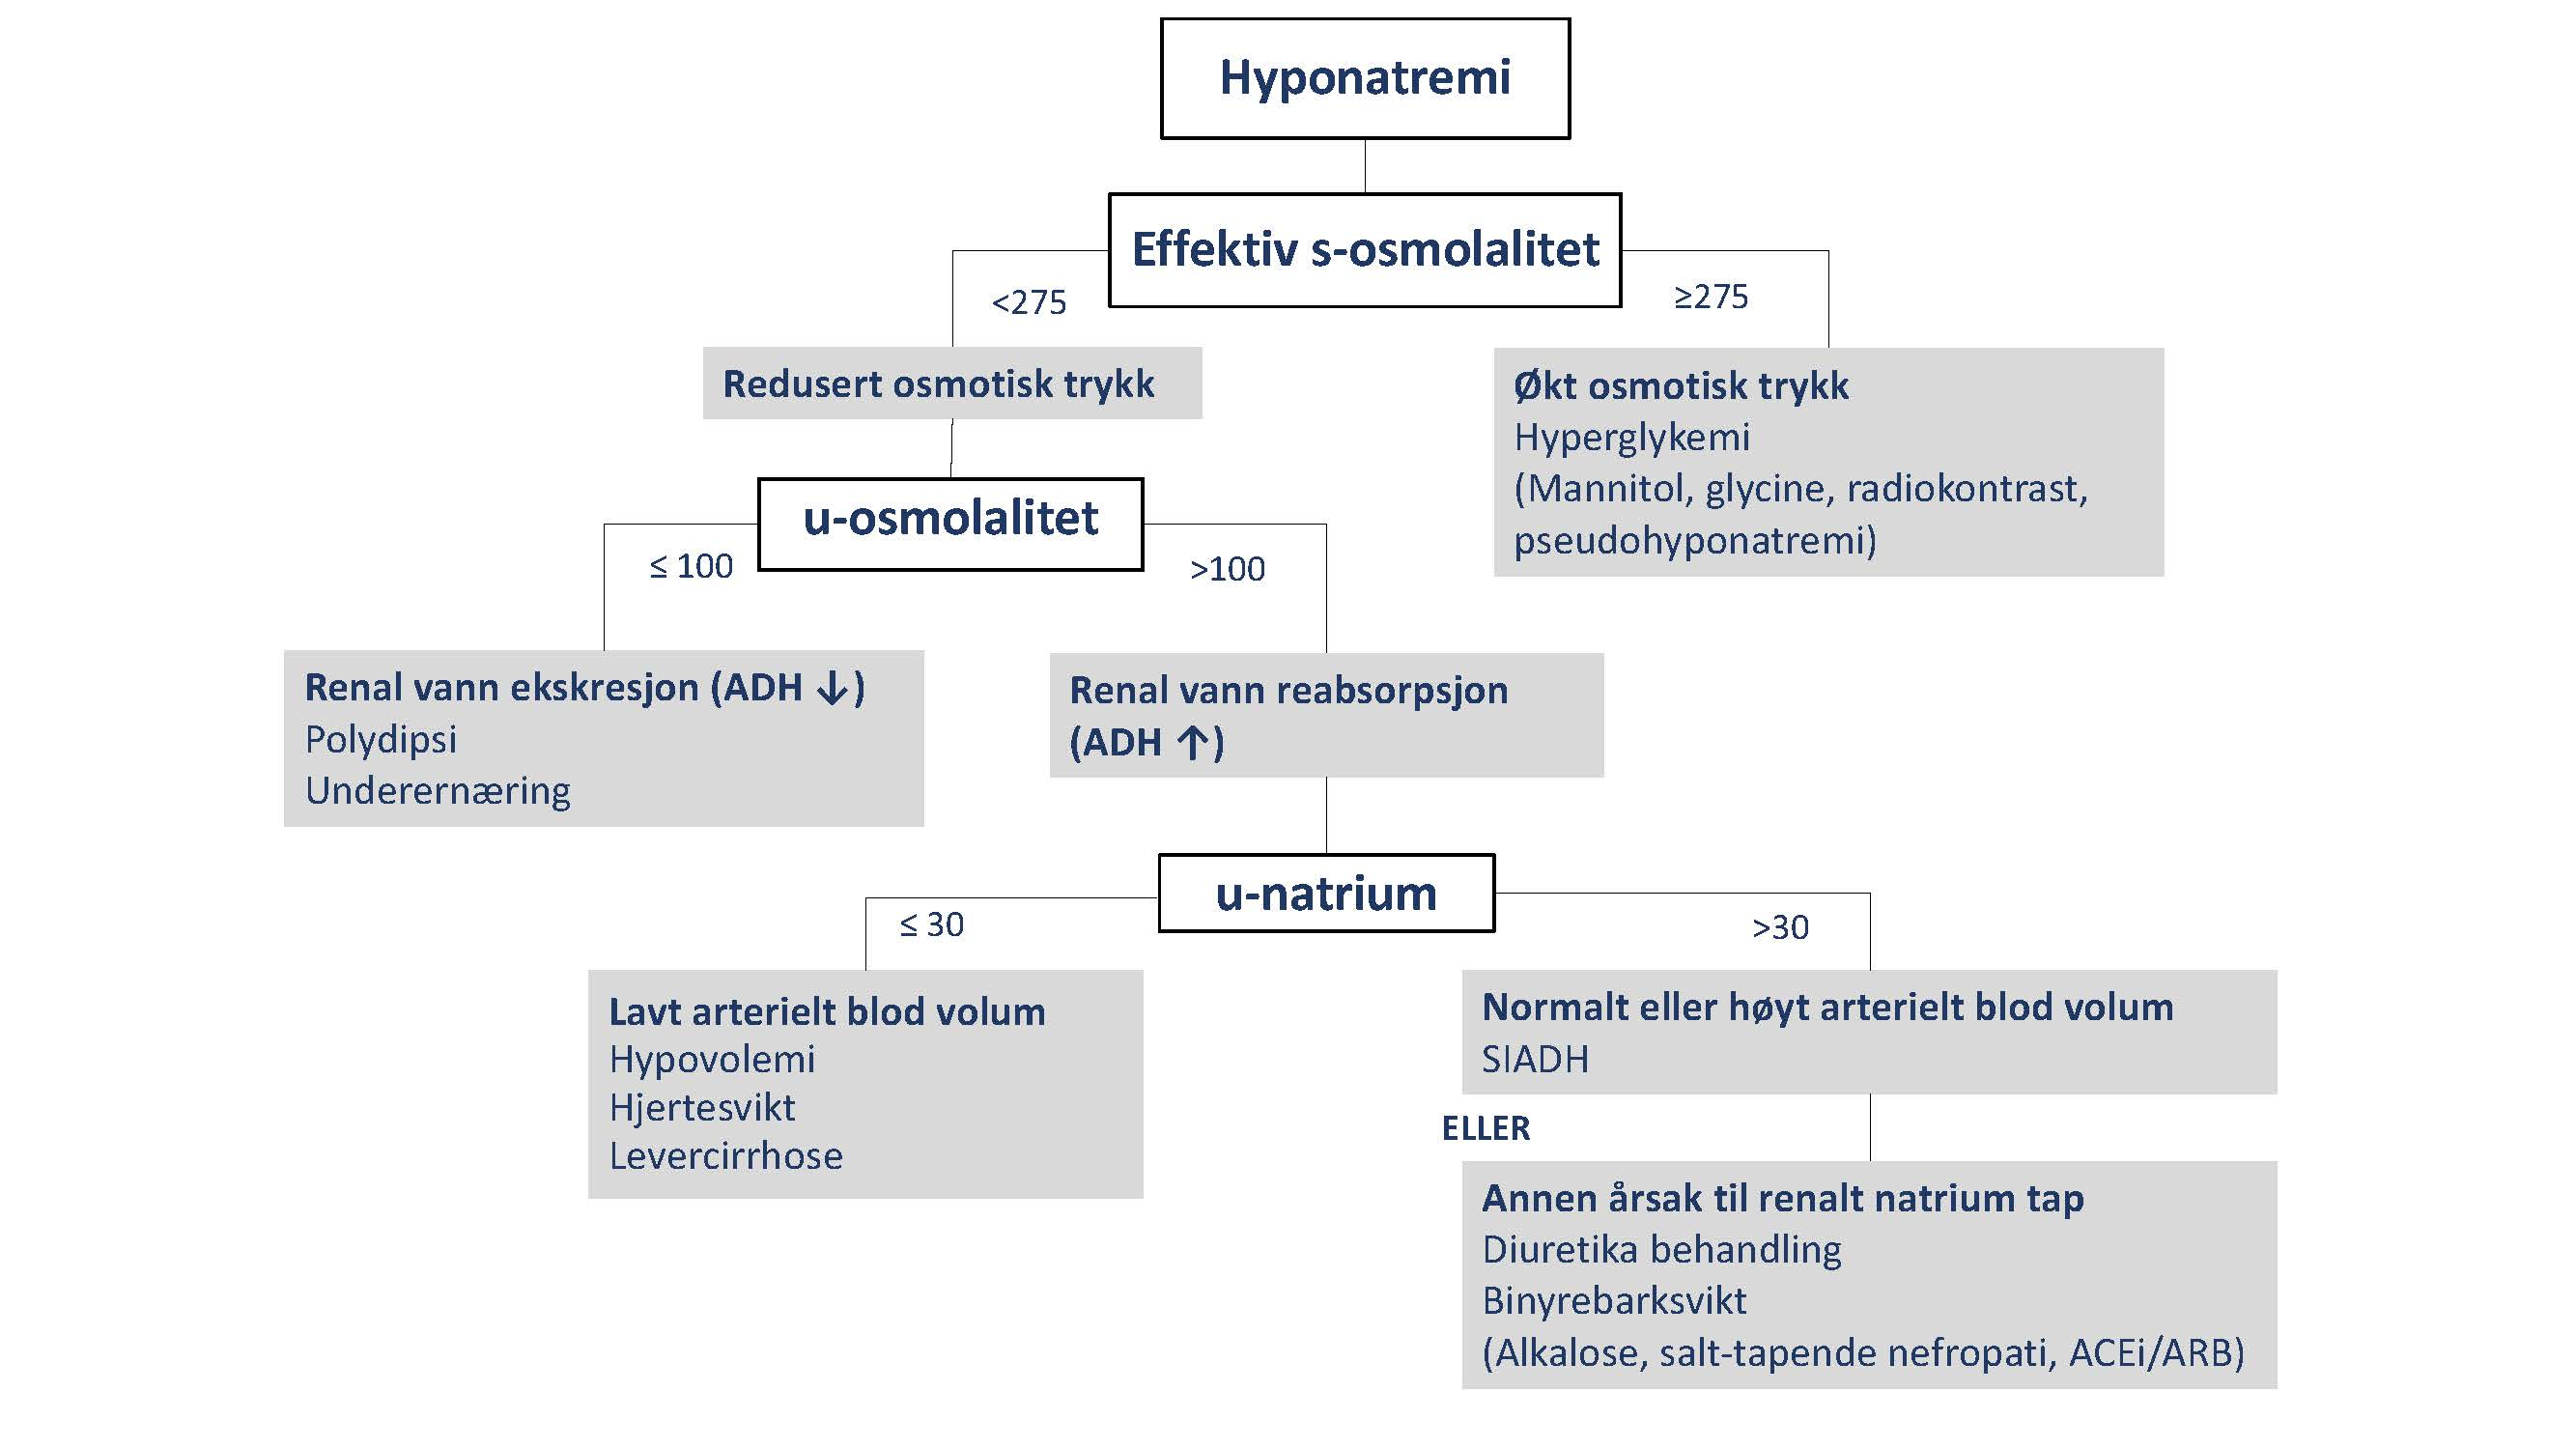 Figur 2 Tolkning av urinprøver ved hyponatremi Enheter: osmolalitet, mosm/l; u-natrium, mmol/l. Effektiv s-osmolalitet inkluderer osmoler som ikke fritt kan krysse cellemembranen og dermed bidrar til økt osmotisk trykk, vesentligst natrium, klorid, bikarbonat og glukose, mens urea og alkohol ikke bidrar.